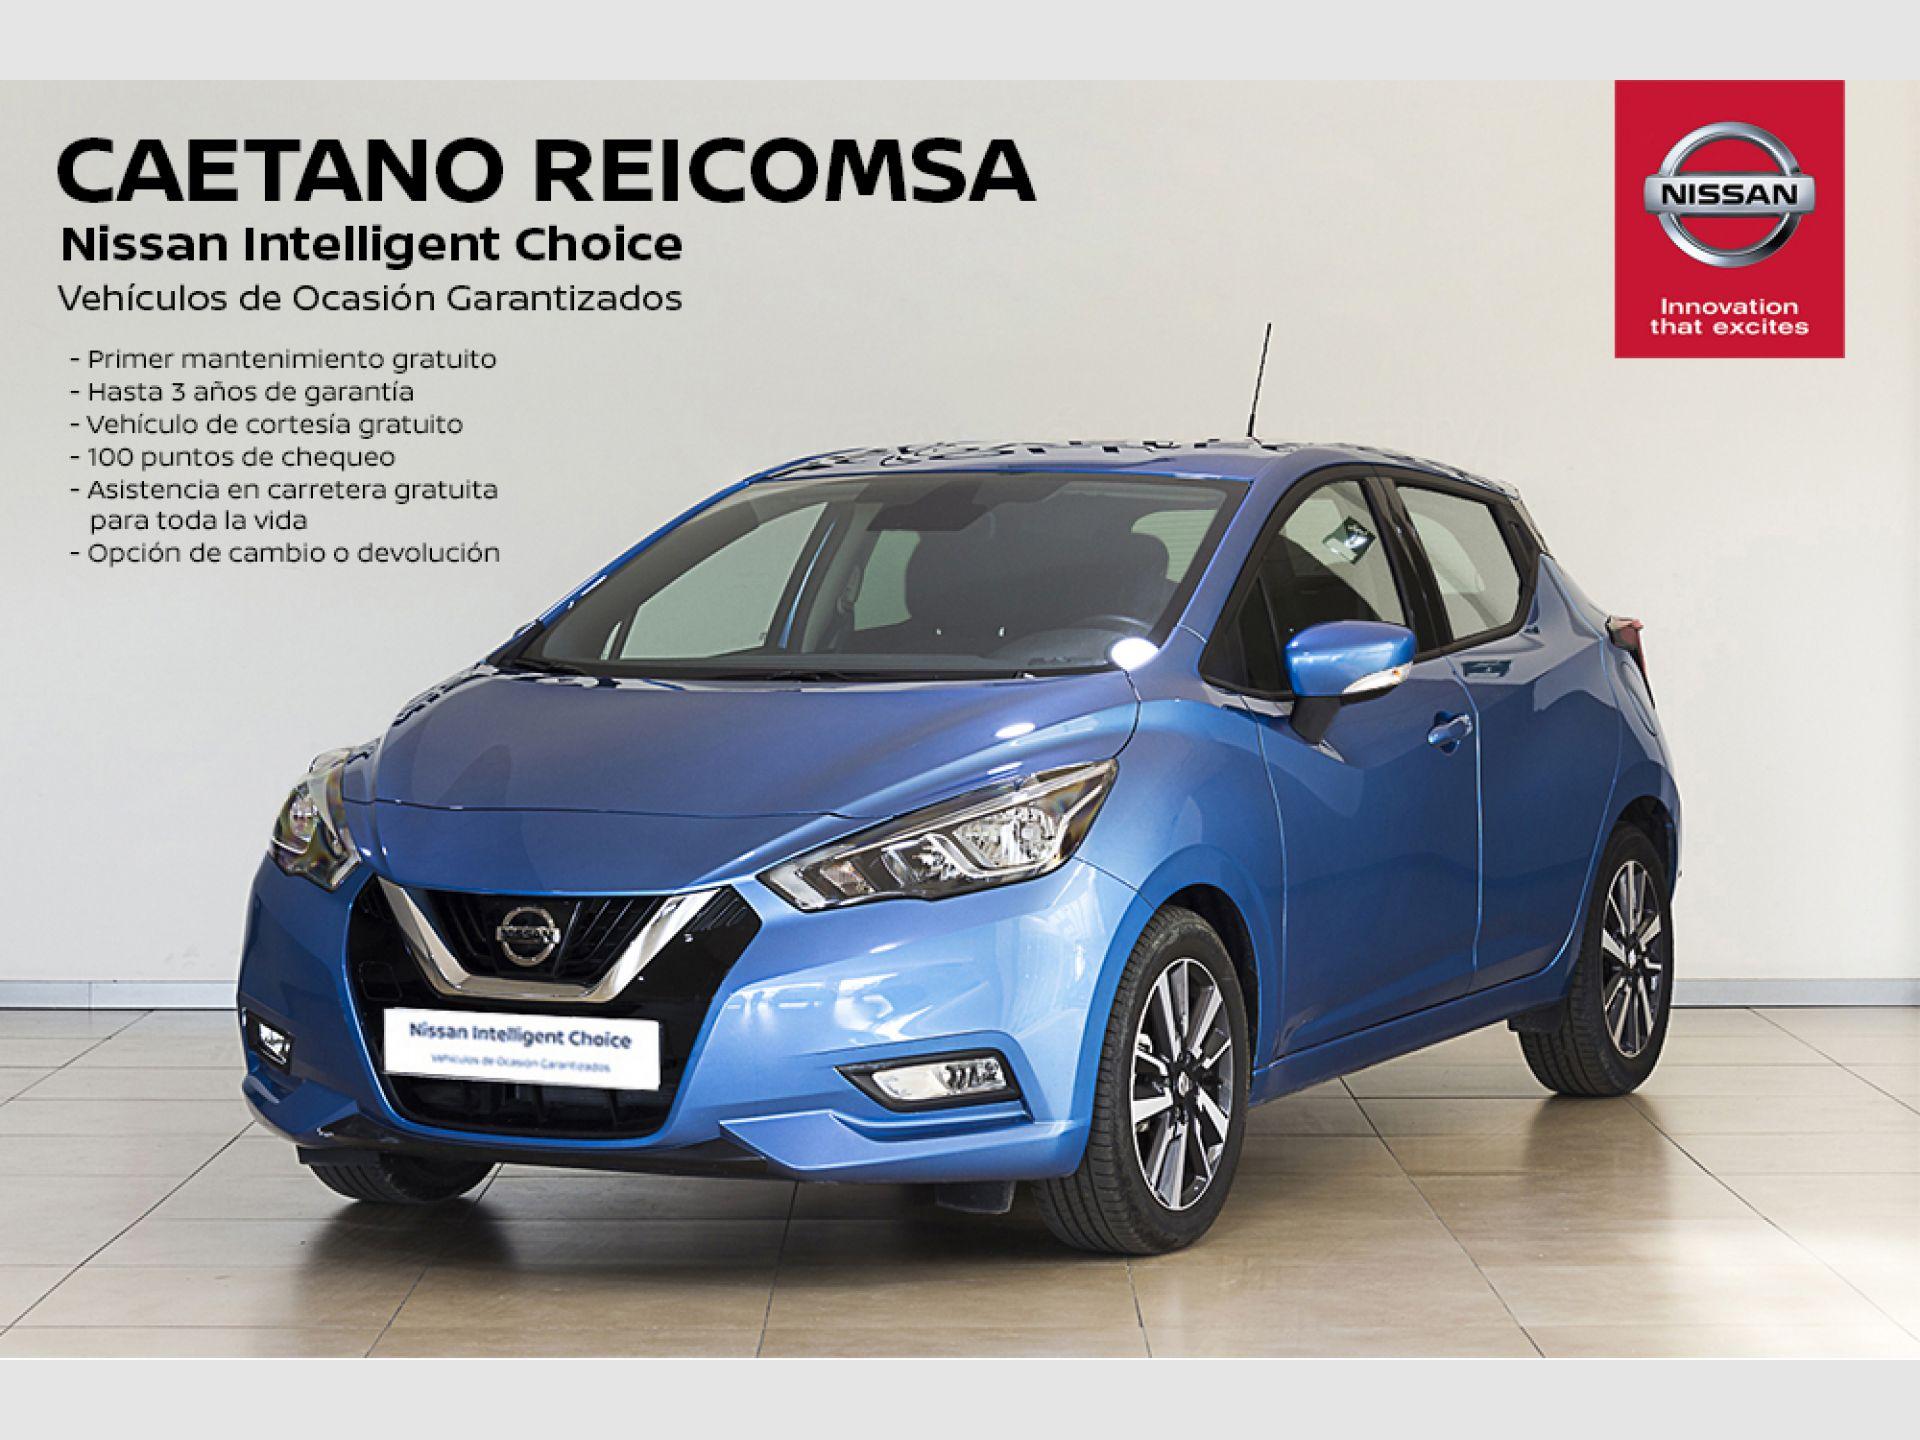 Nissan Micra 1.0G 52 kW (70 CV) Acenta segunda mano Madrid